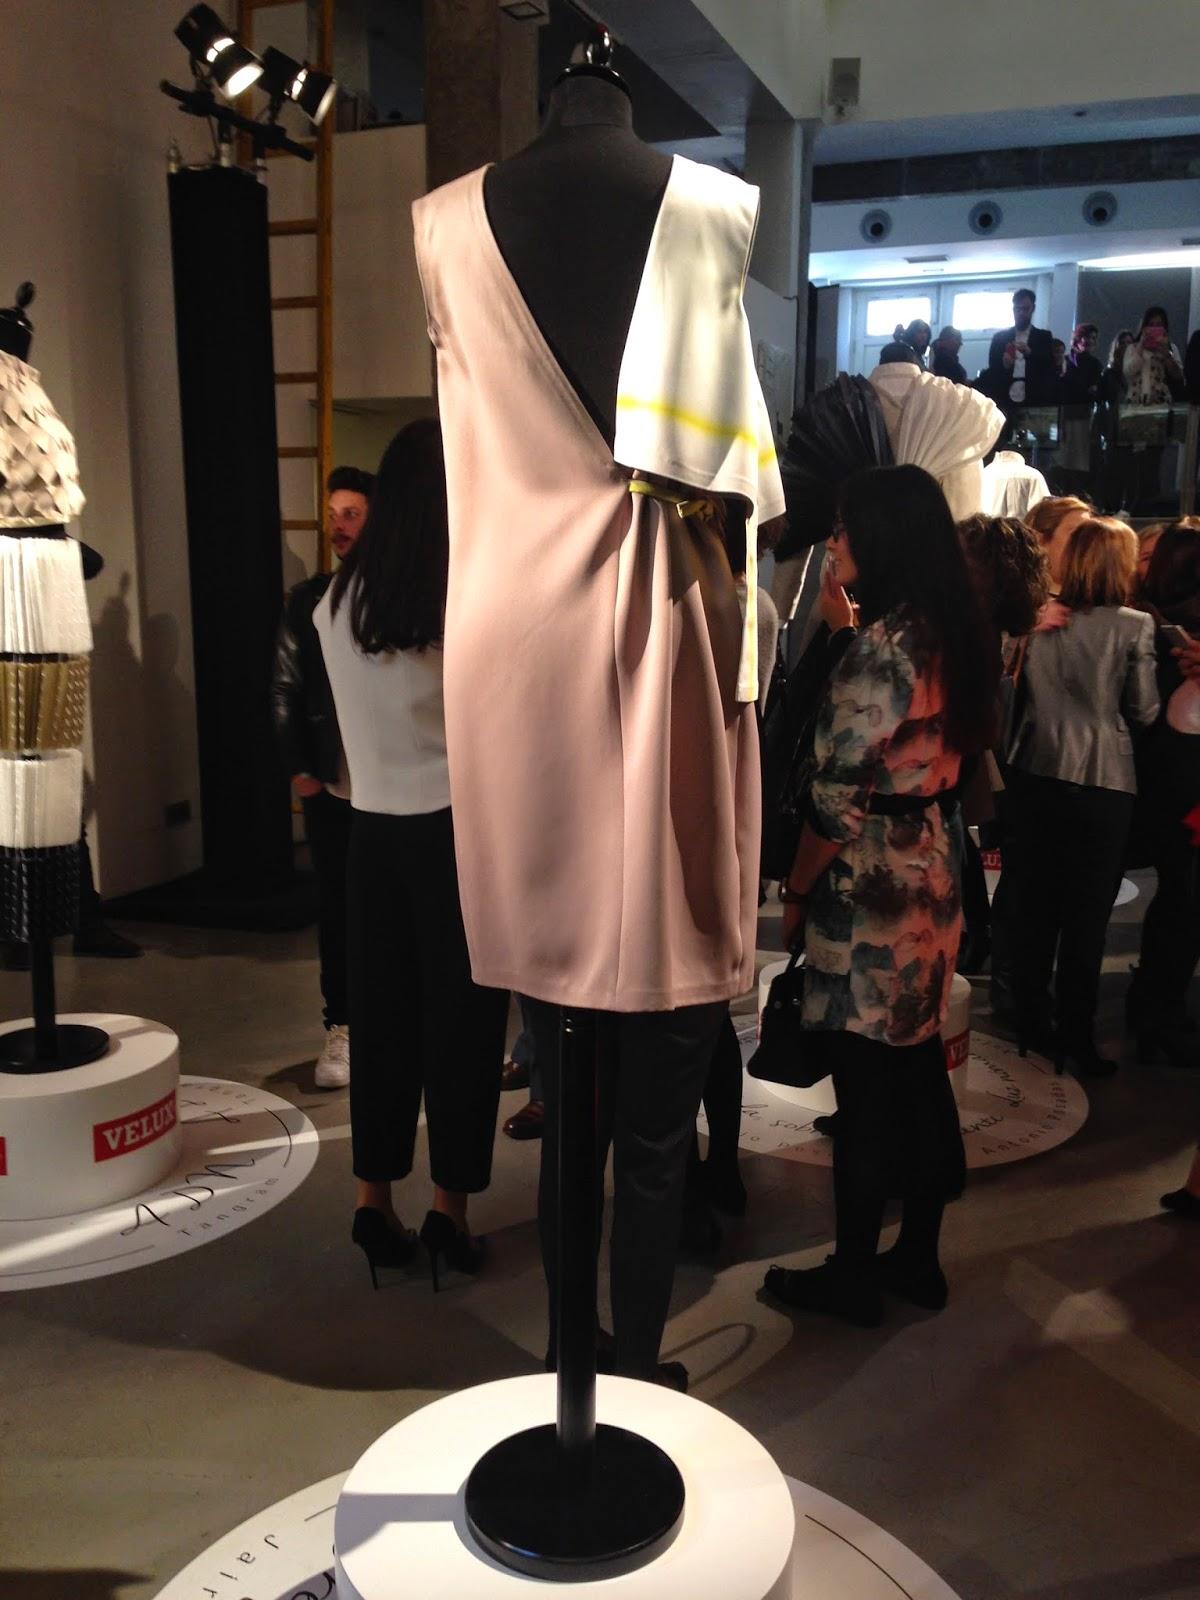 Presentación de La luz se viste de moda con Velux